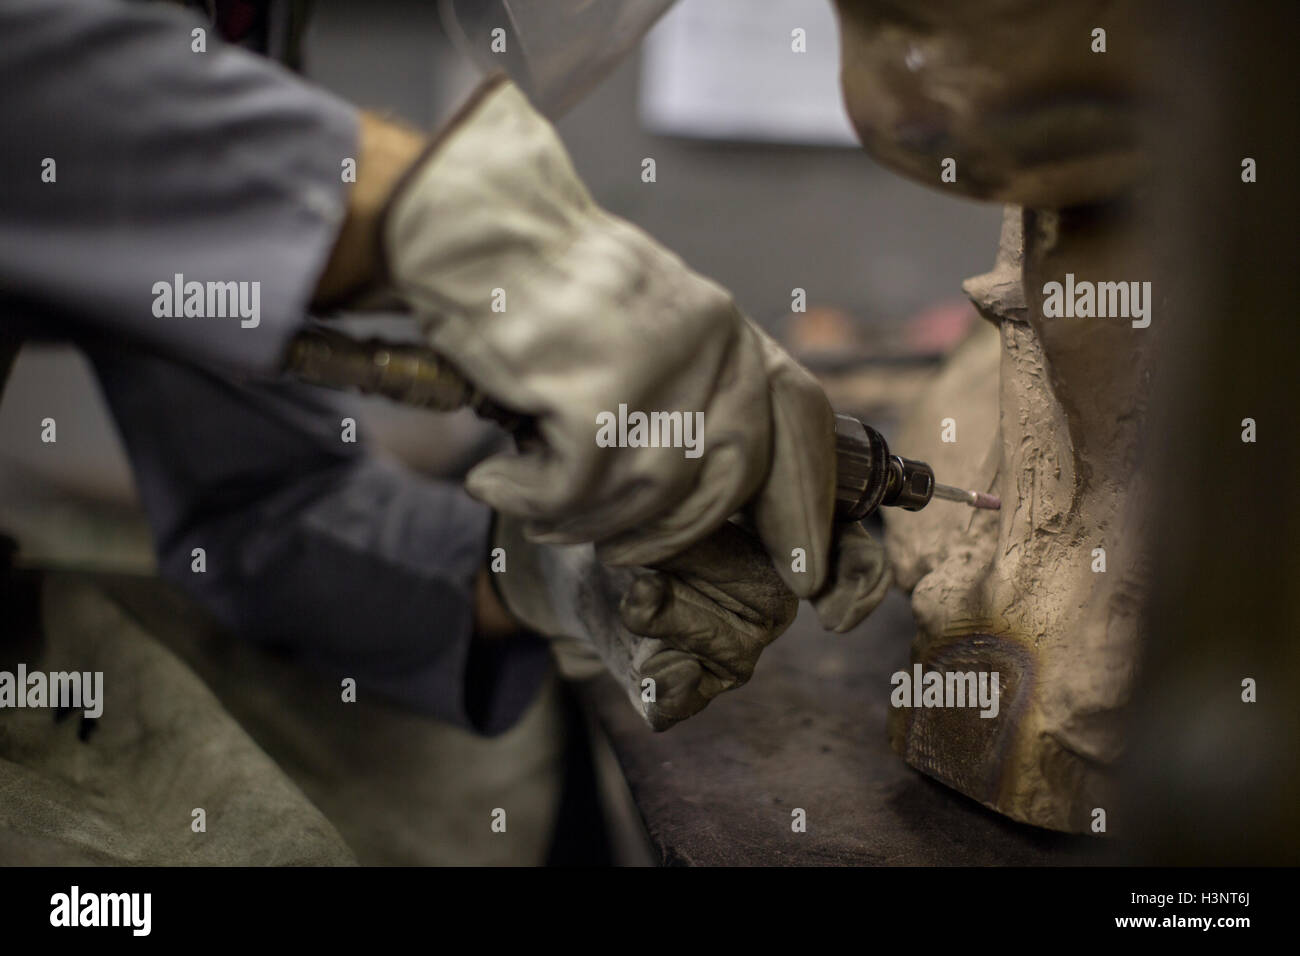 Bildhauer in Künstlerstudio Skulptur mit Hand-Werkzeug Stockbild